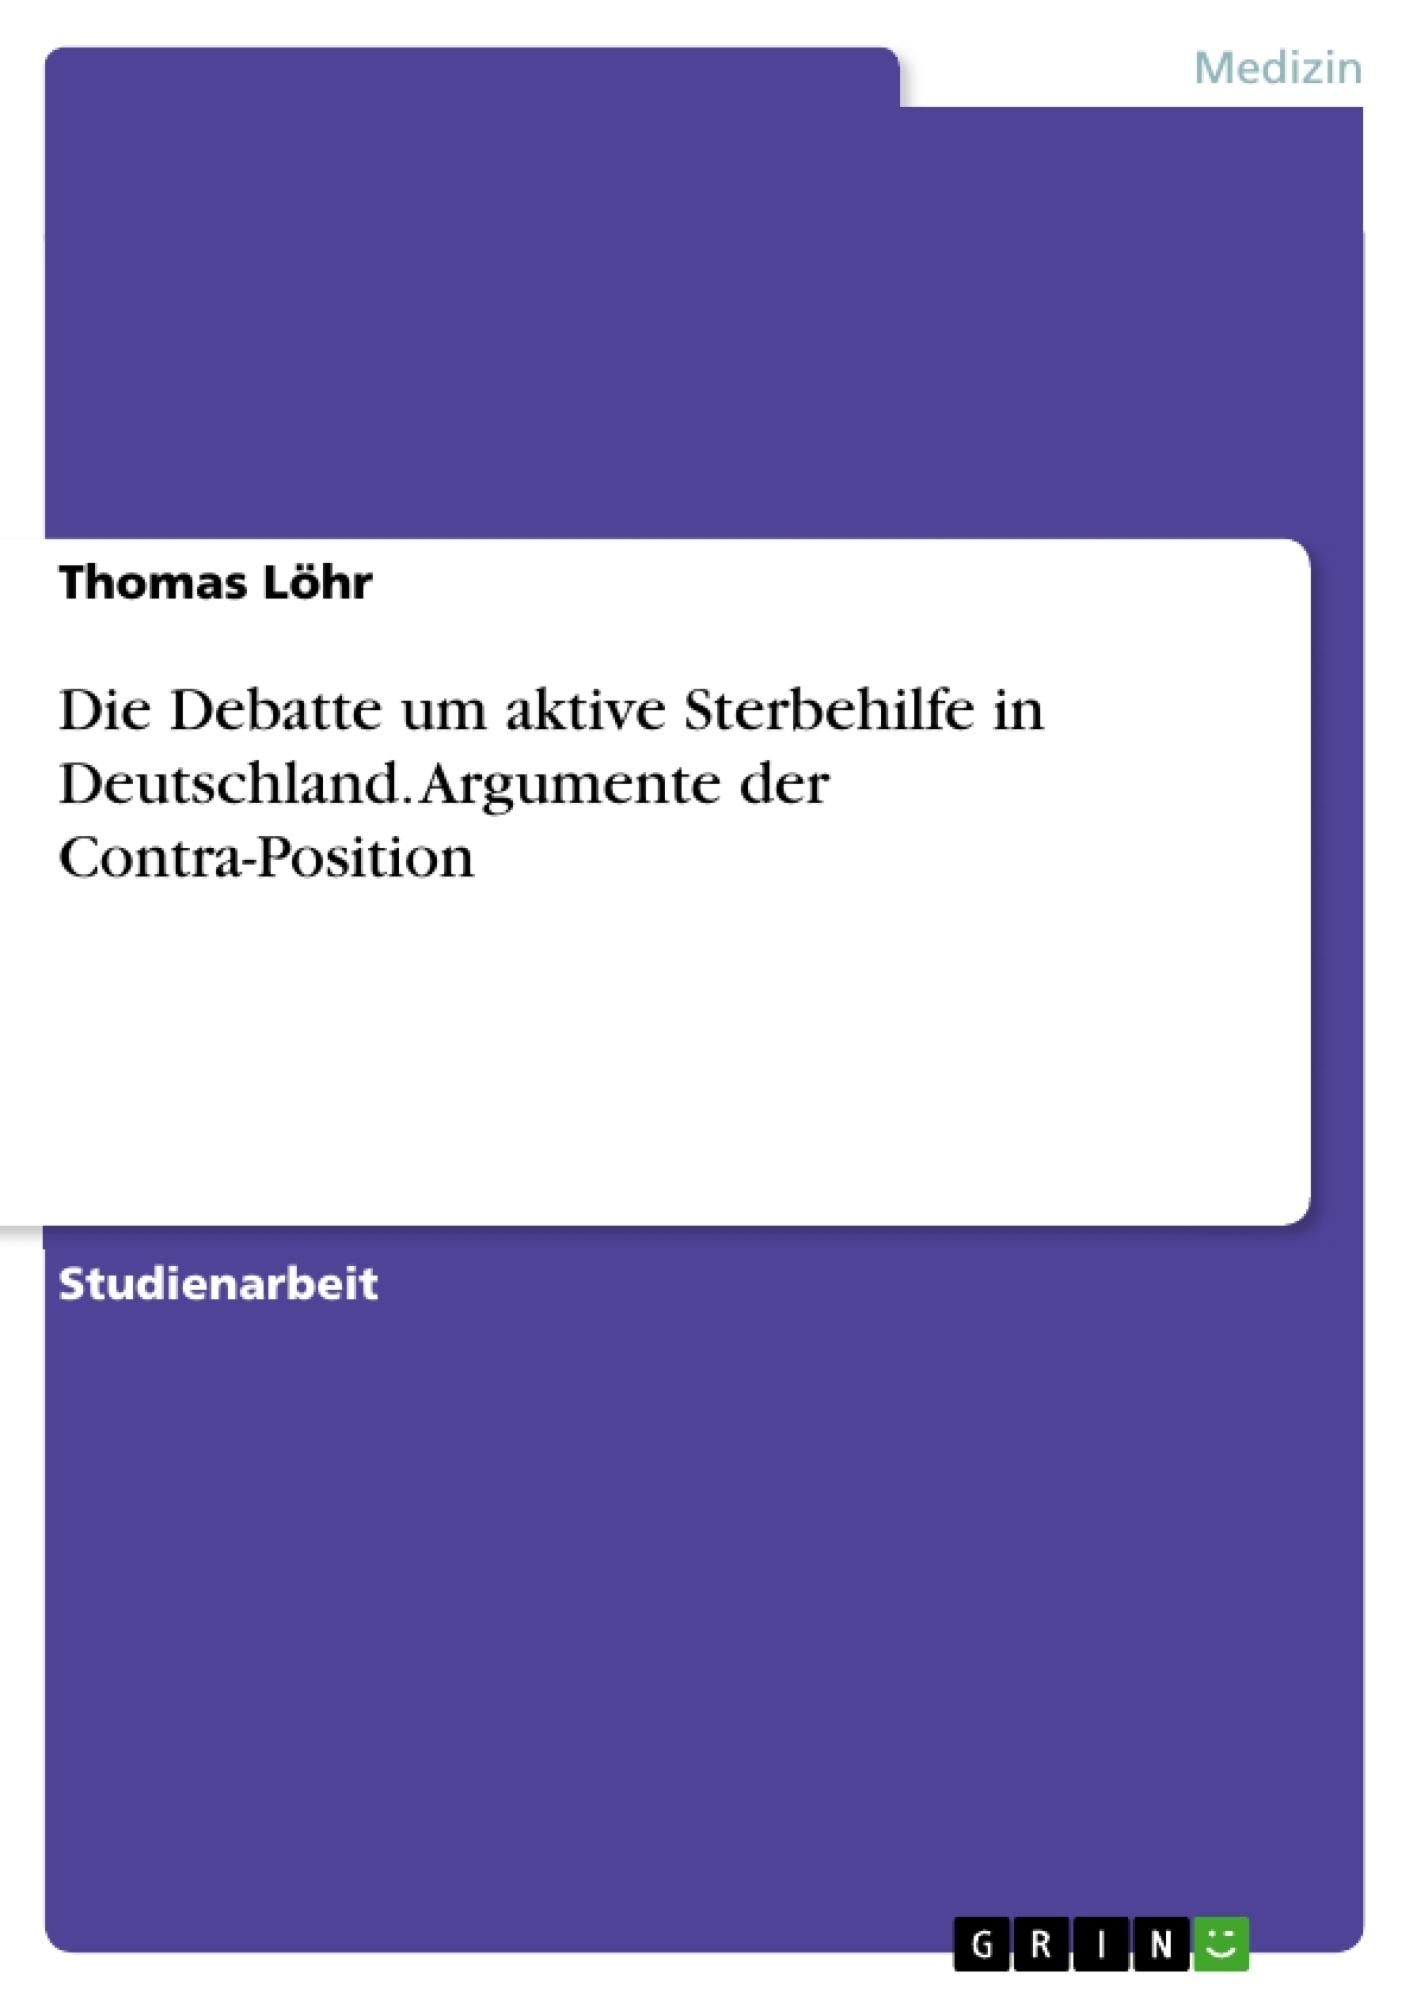 Titel: Die Debatte um aktive Sterbehilfe in Deutschland. Argumente der Contra-Position